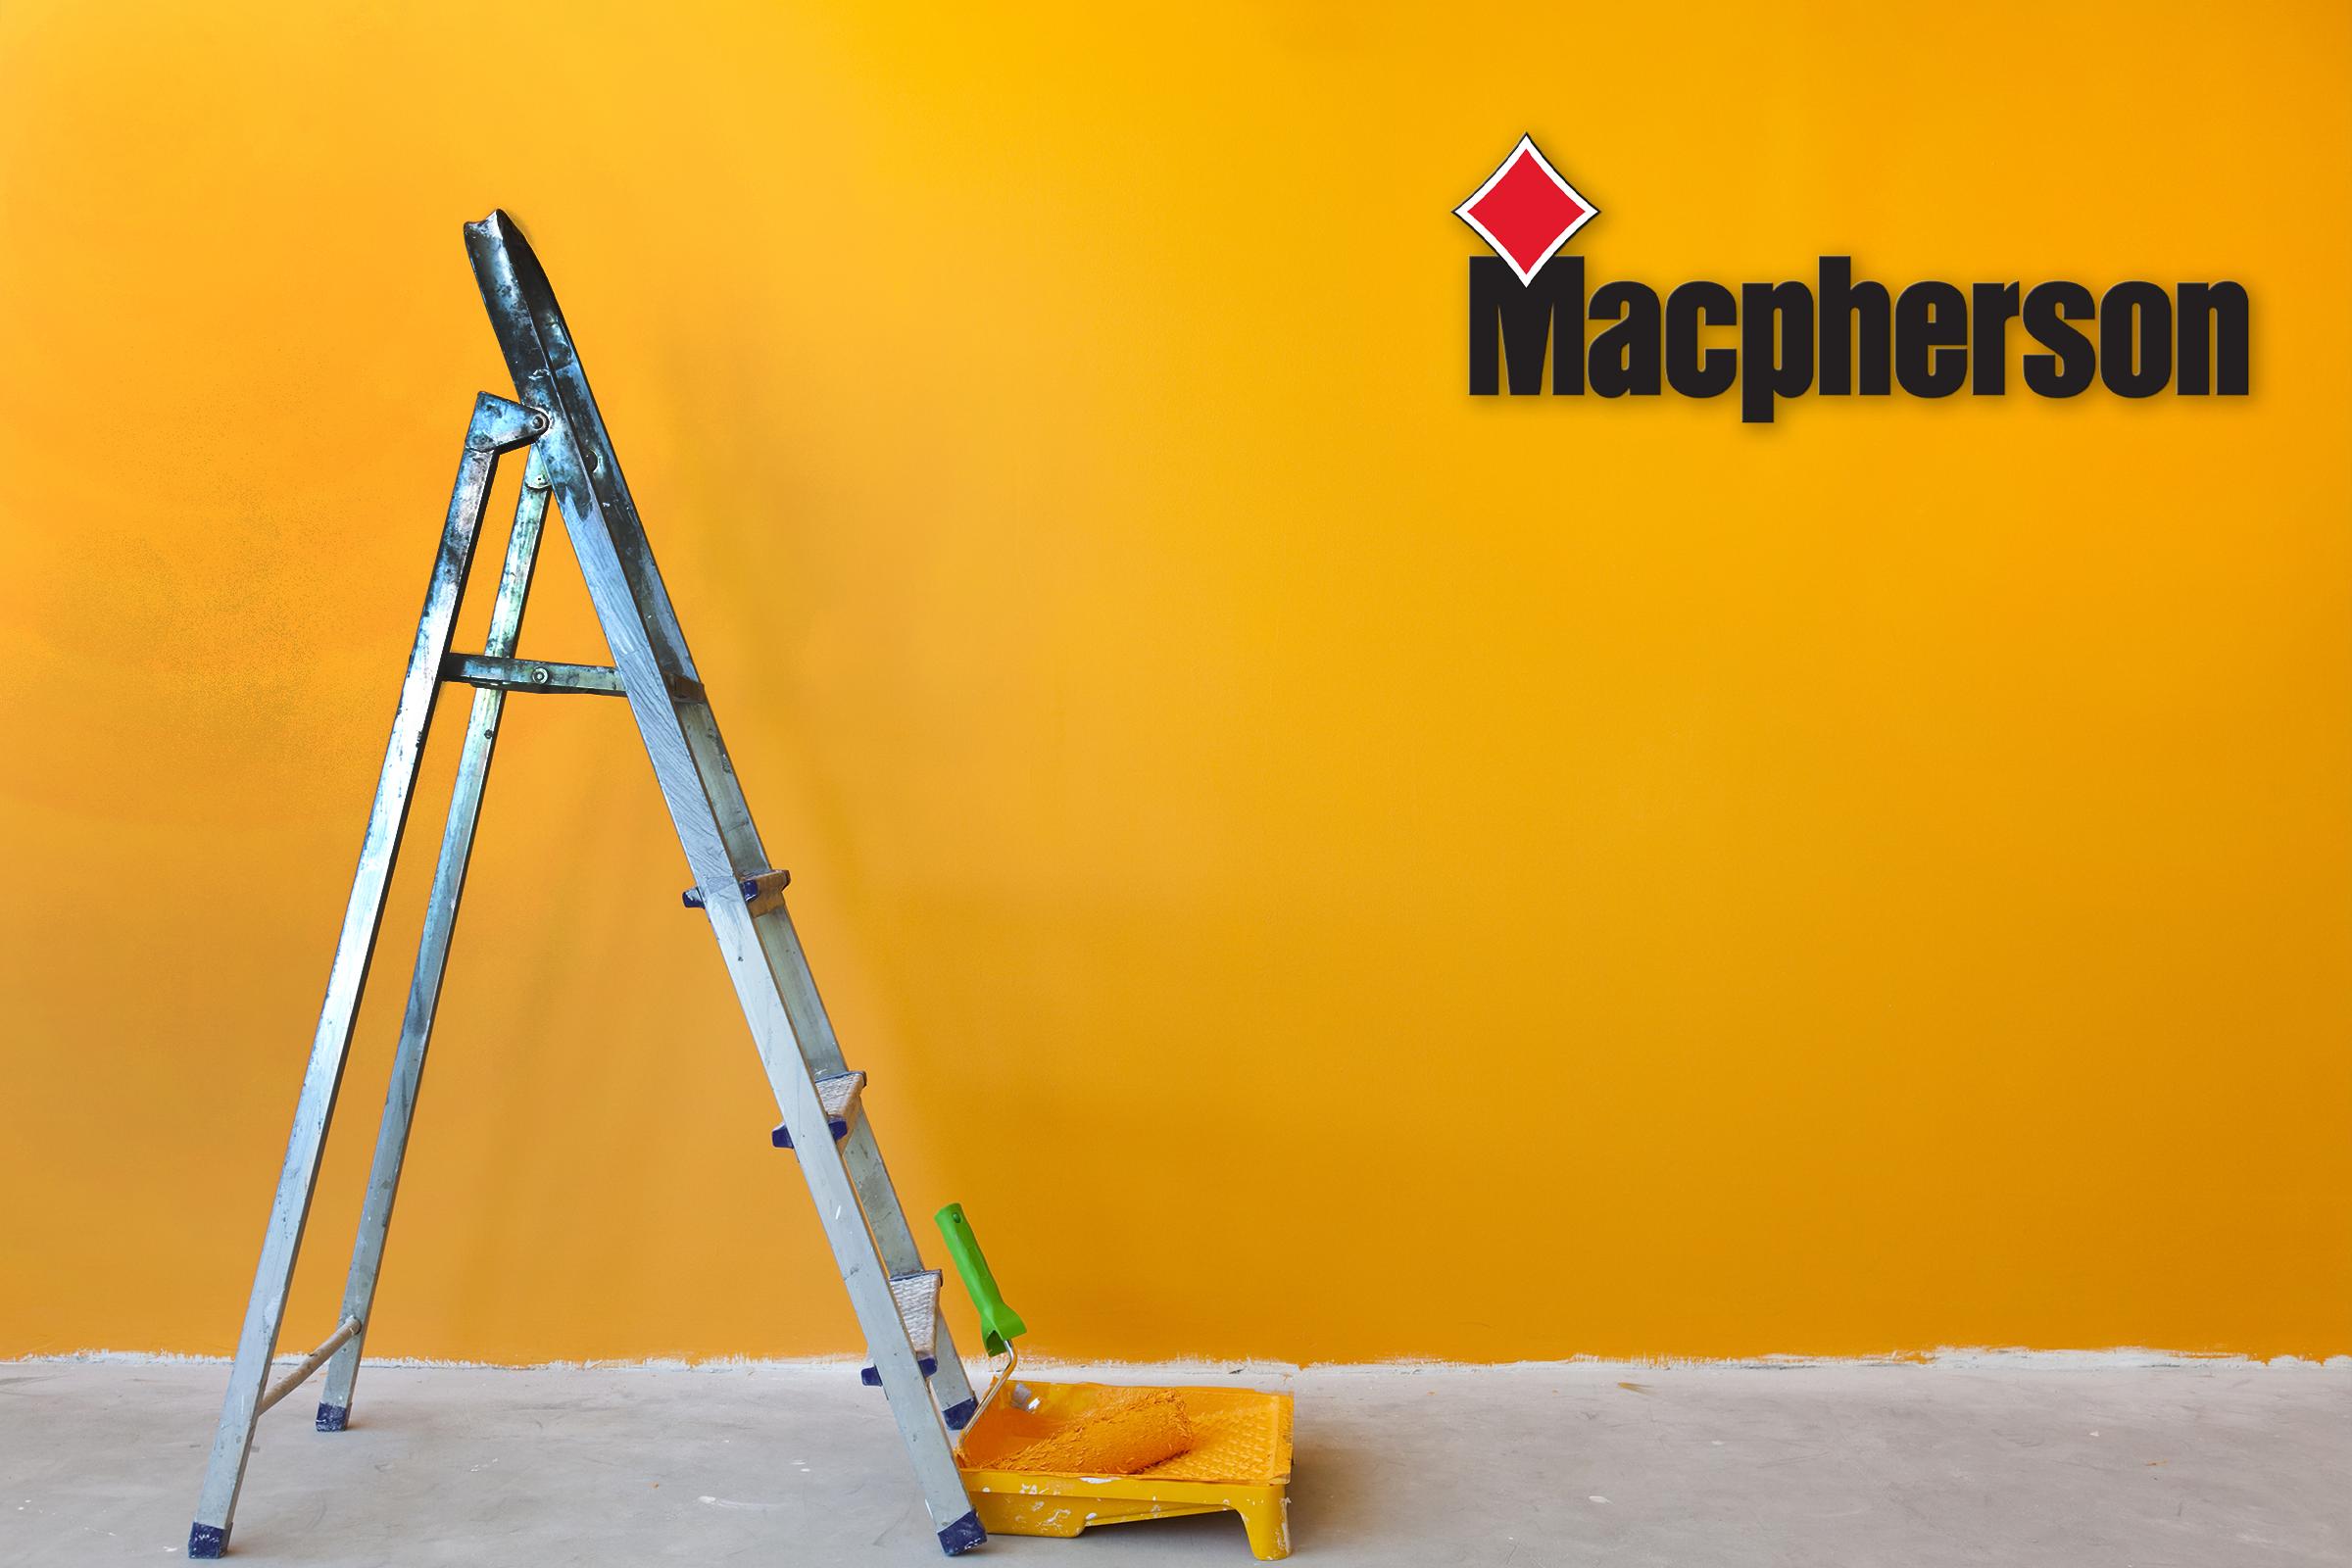 Macpherson paints